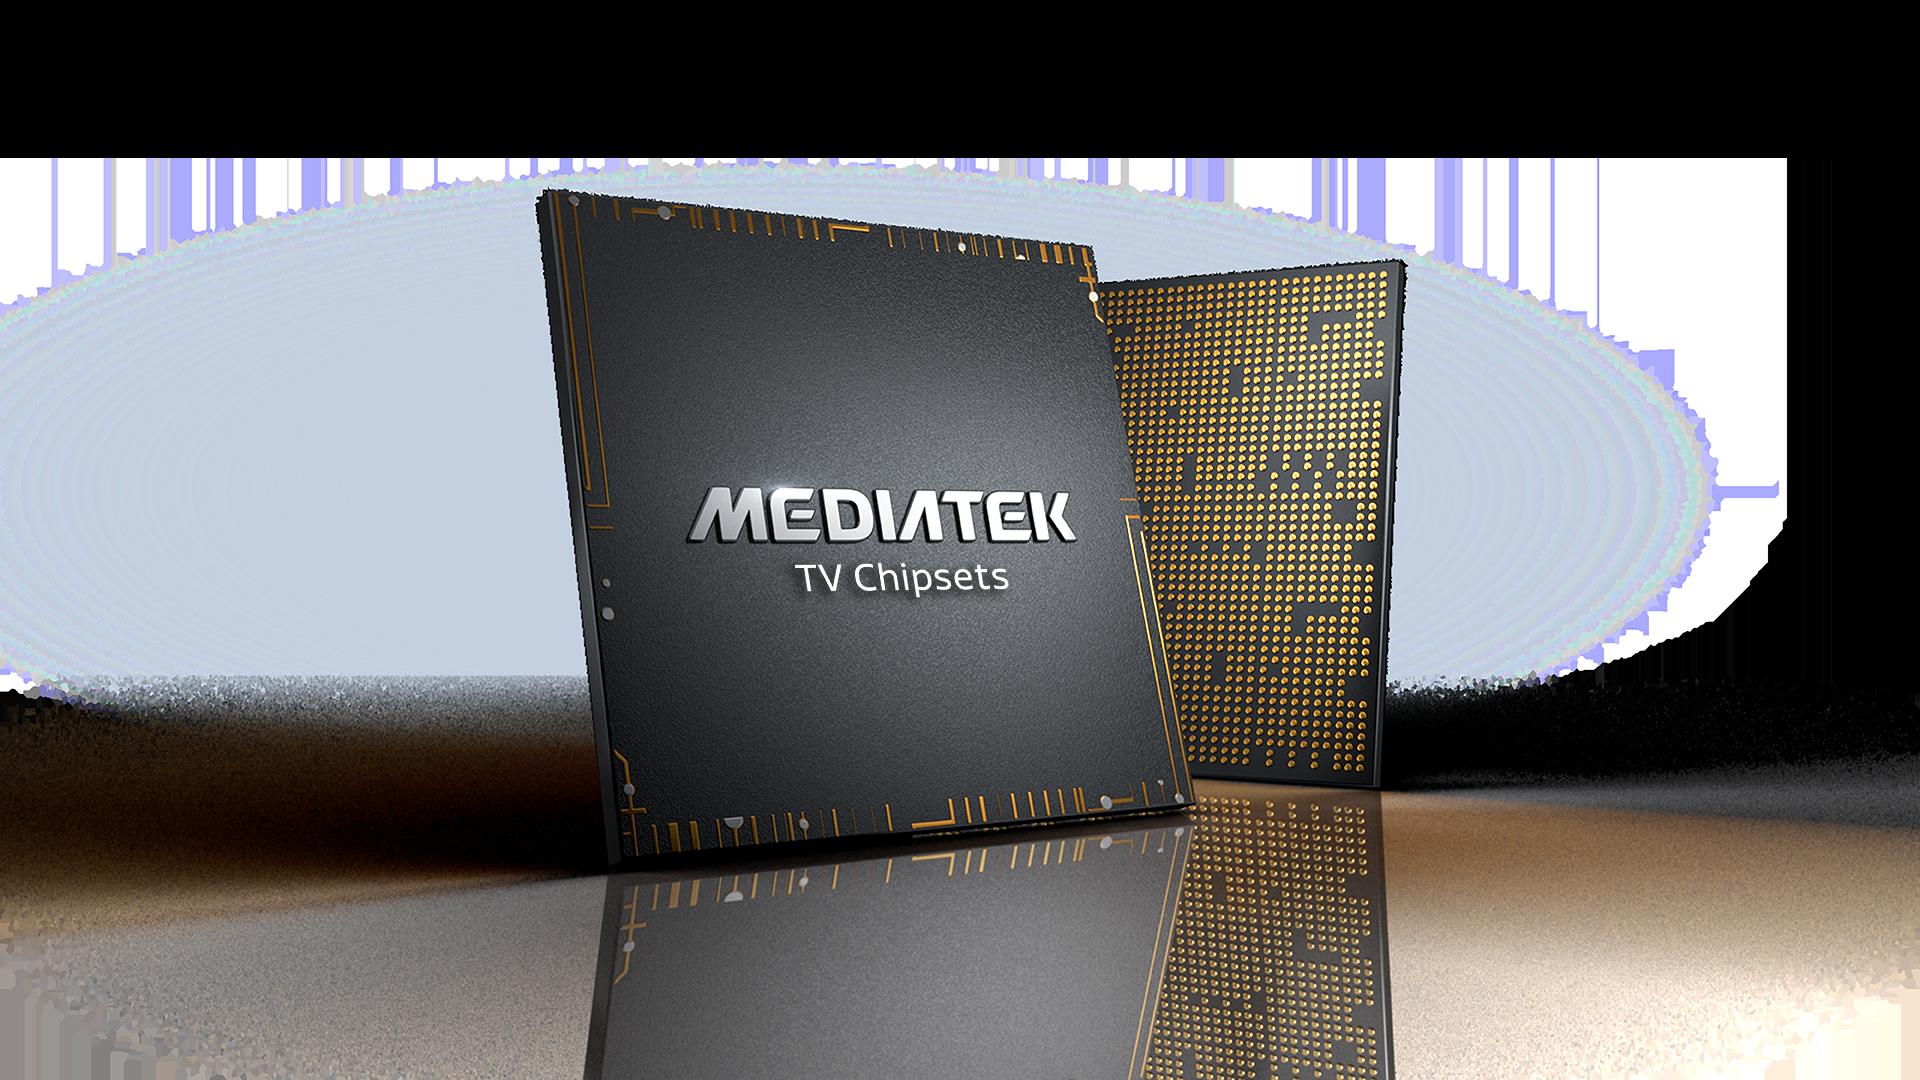 MediaTek携手爱立信,创5G毫米波上行速率纪录  双方成功完成毫米波四载波聚合测试,实现迄今为止最快的495Mbps上行速率。